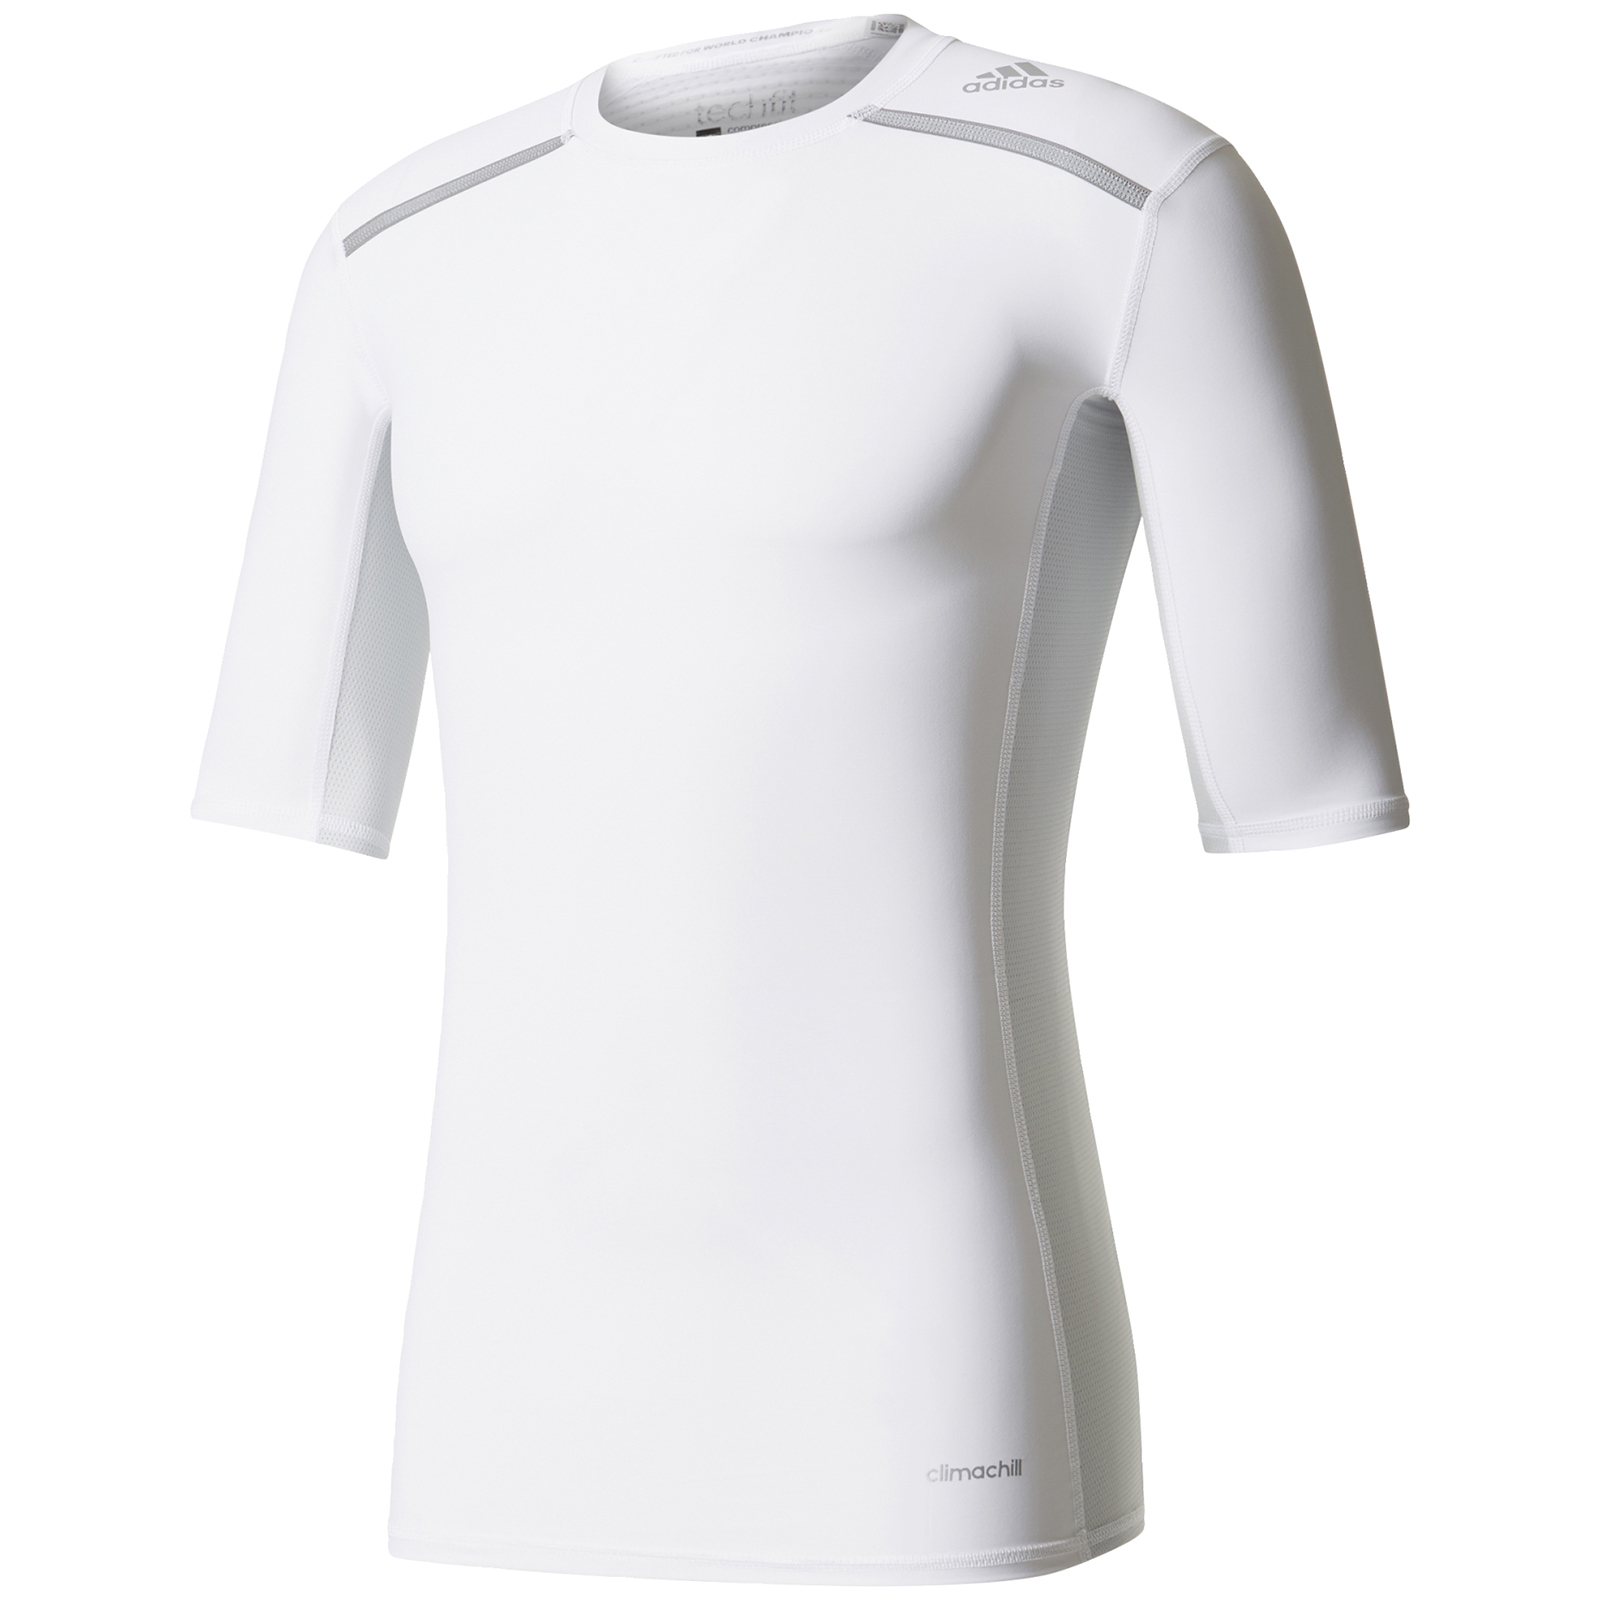 e0bf8f2025313 Adidas Climachill T Shirt Mens - DREAMWORKS